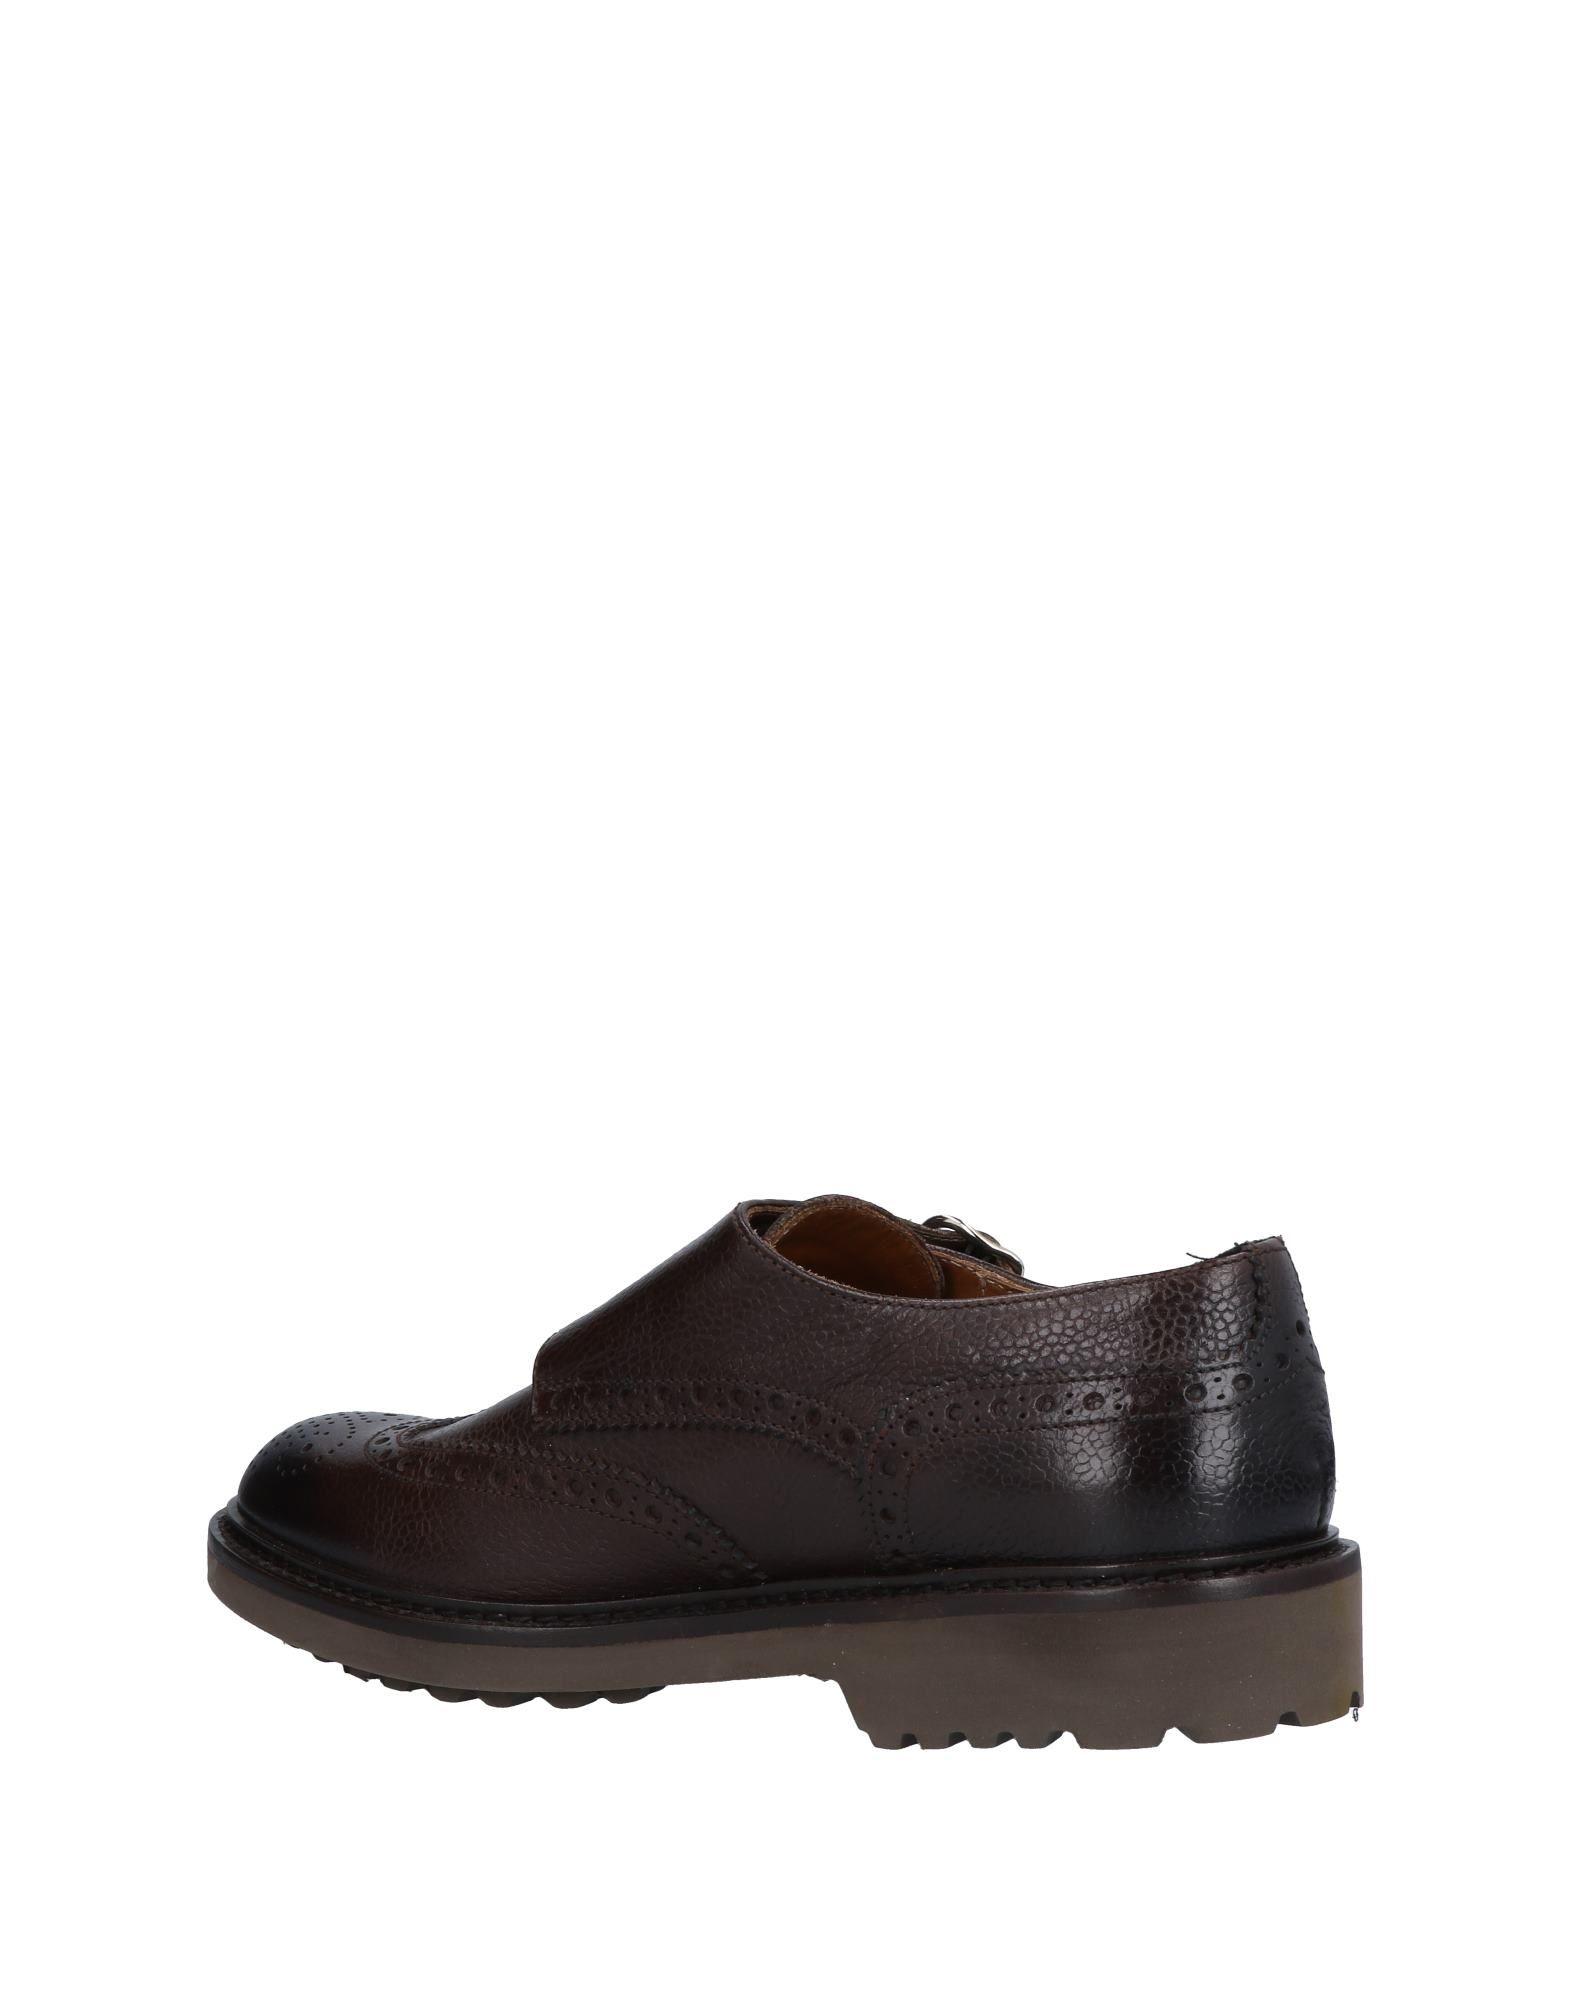 Doucal's Mokassins Gute Herren  11045194MH Gute Mokassins Qualität beliebte Schuhe 5ea5f1